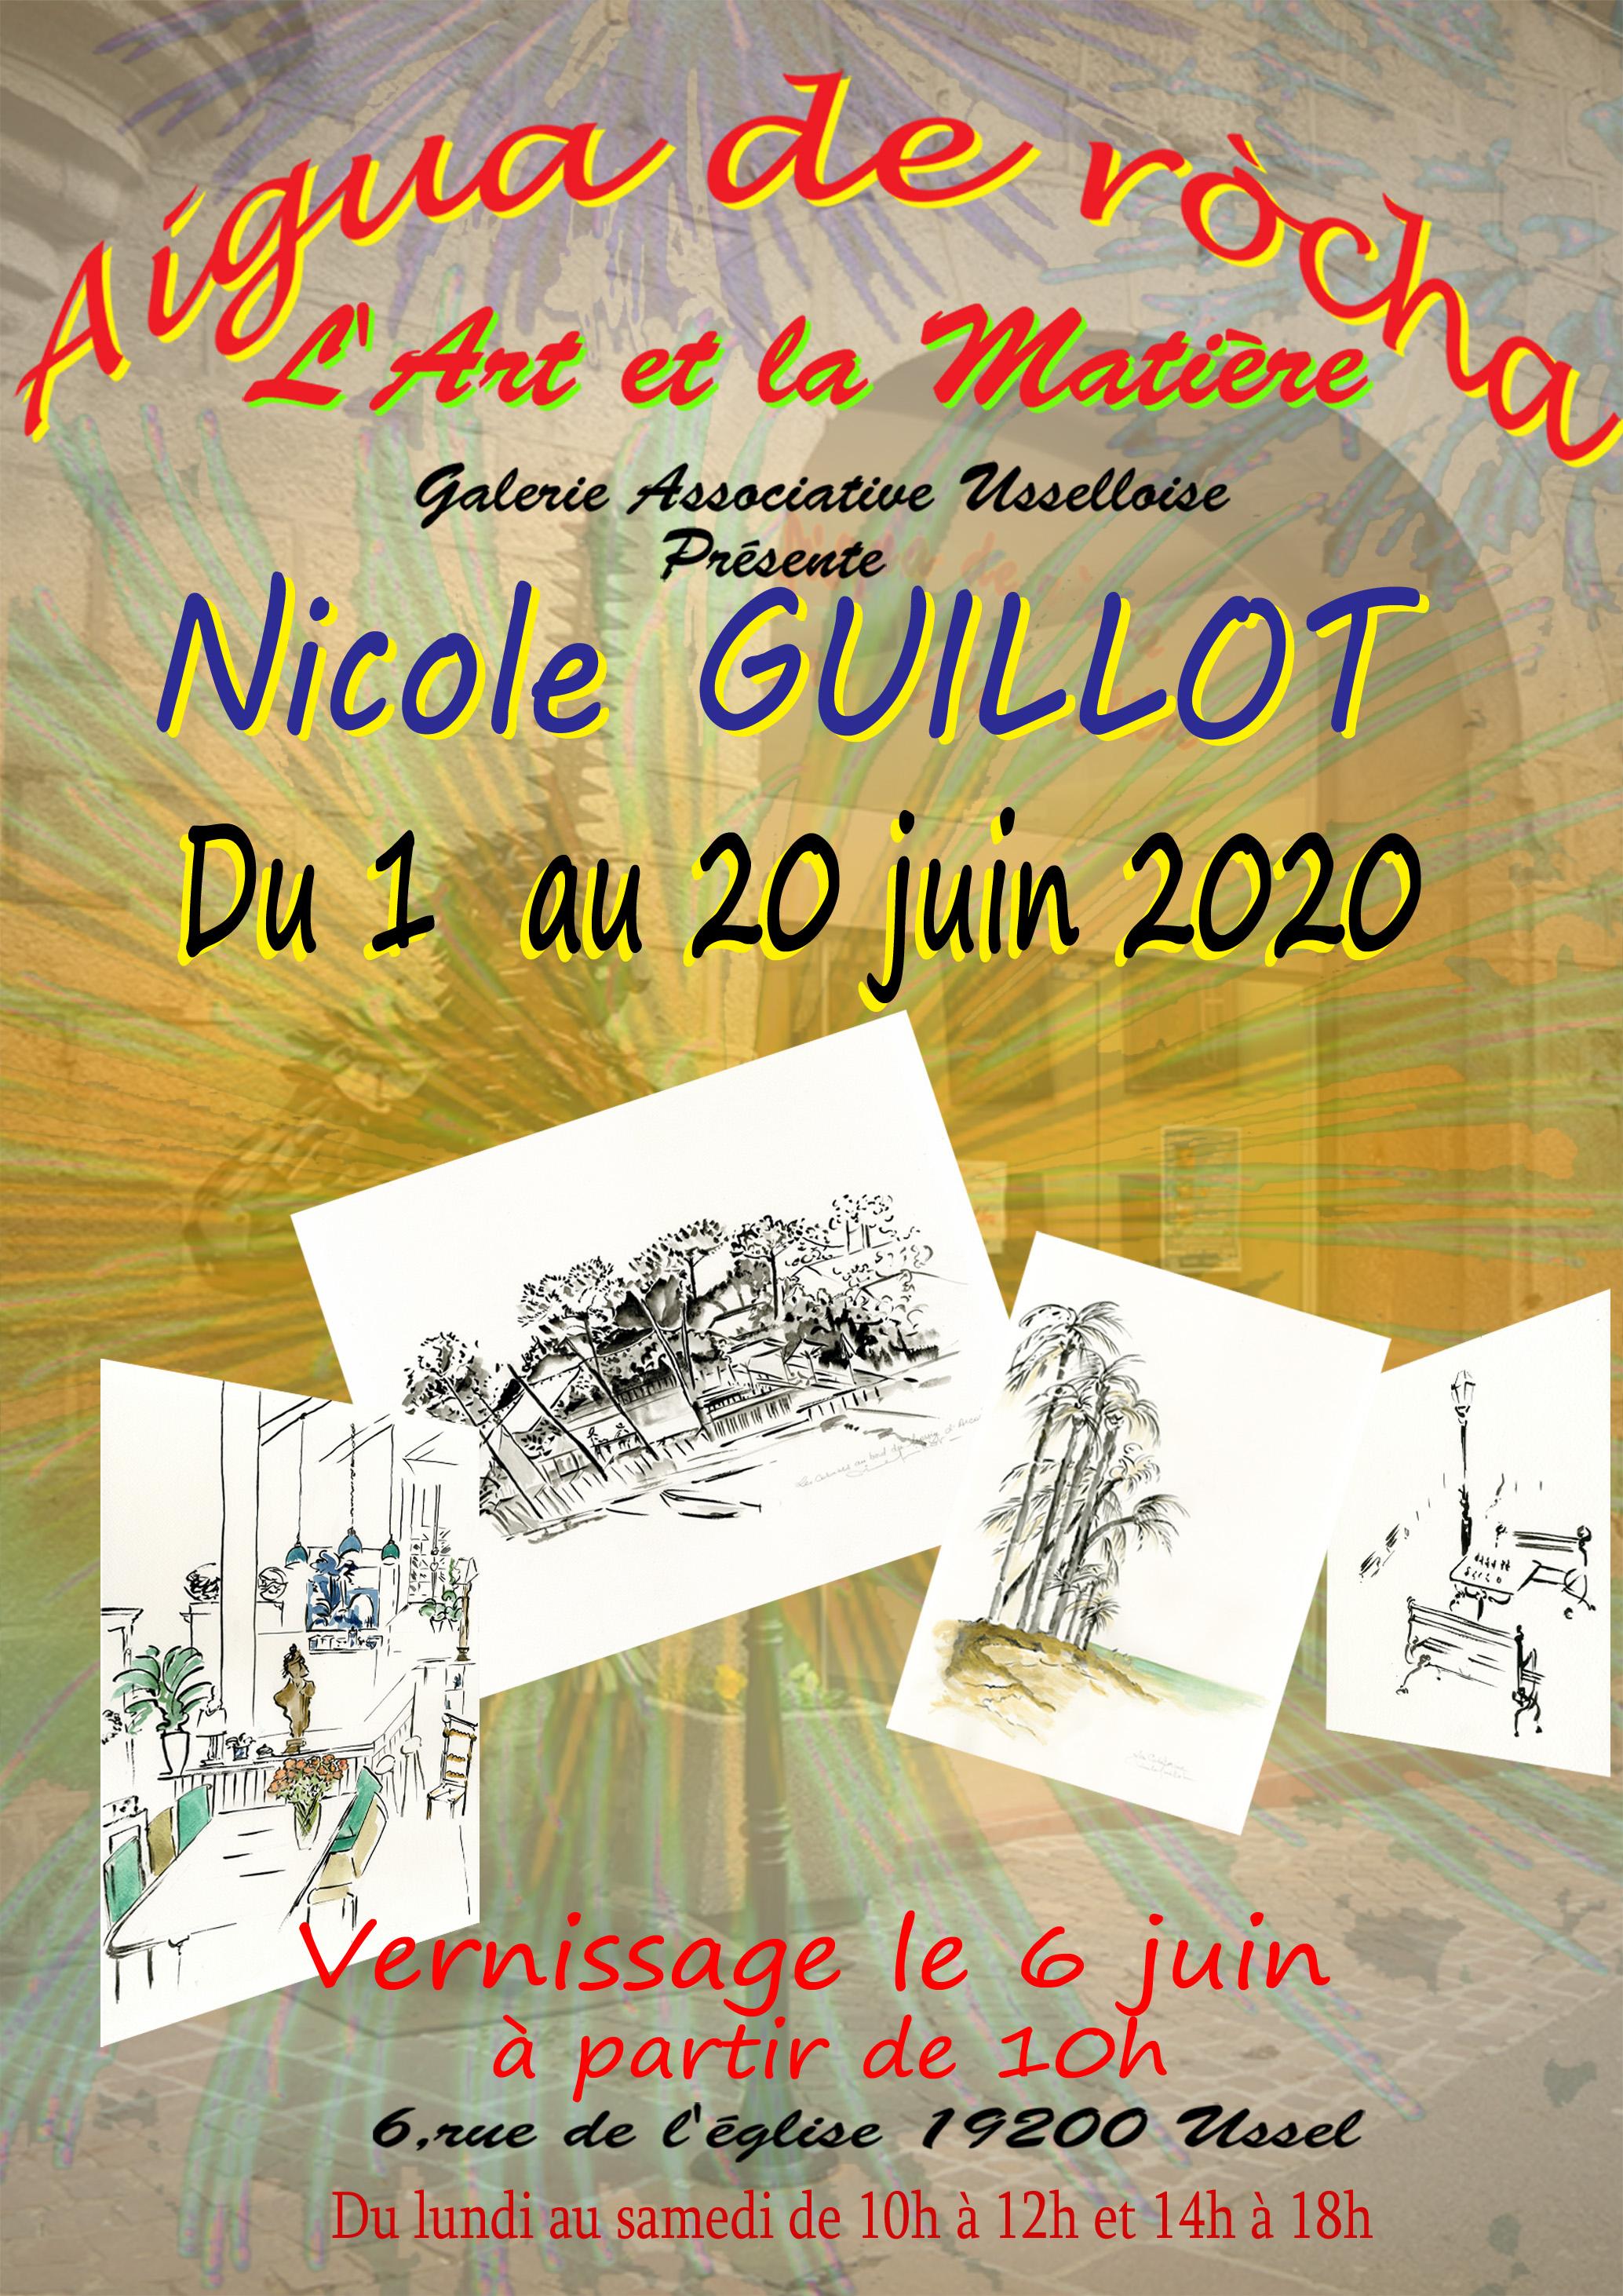 Nicole GUILLOT 2020